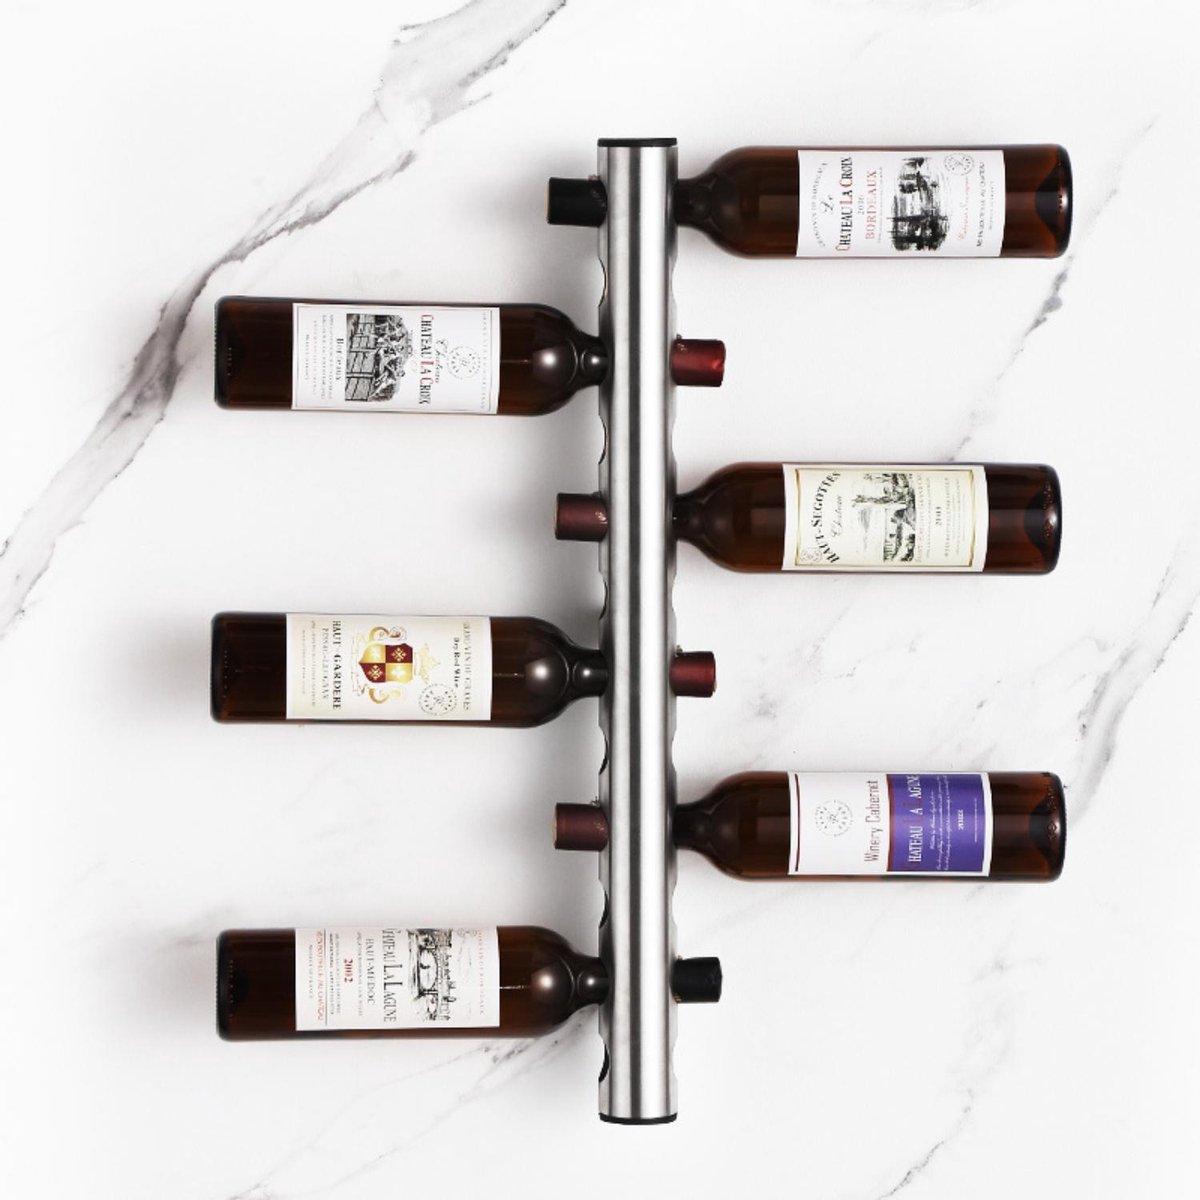 Homeson Wijnrek - Wijnhouder - Wijnflessen houder - Ophangen aan de muur - 8 Flessen/Gaten - 8 Gaten